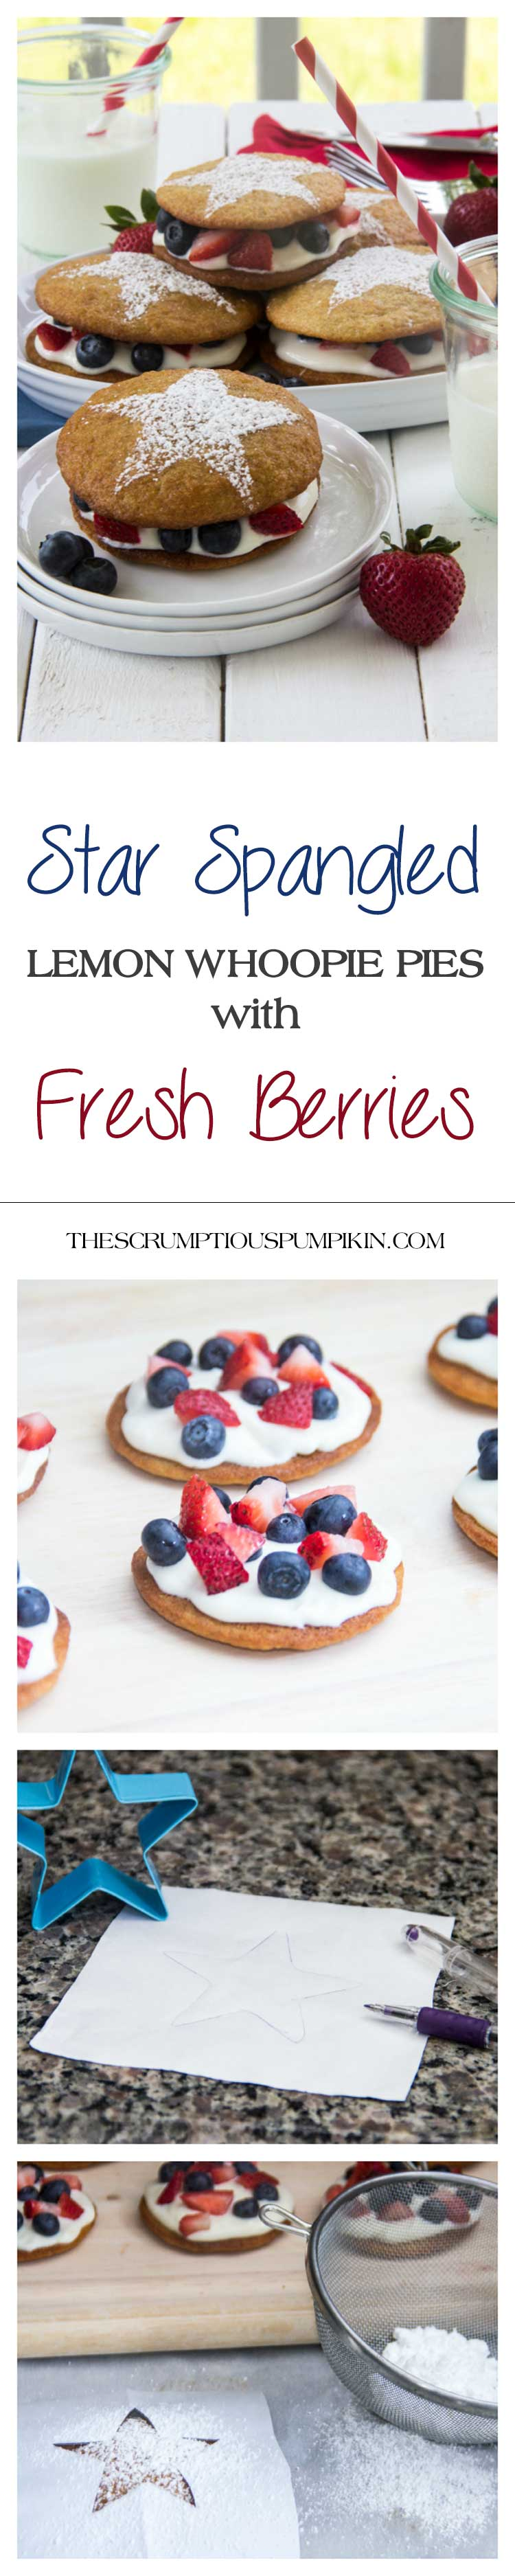 Star-Spangled-Lemon-Whoopie-Pies-with-Fresh-Berries